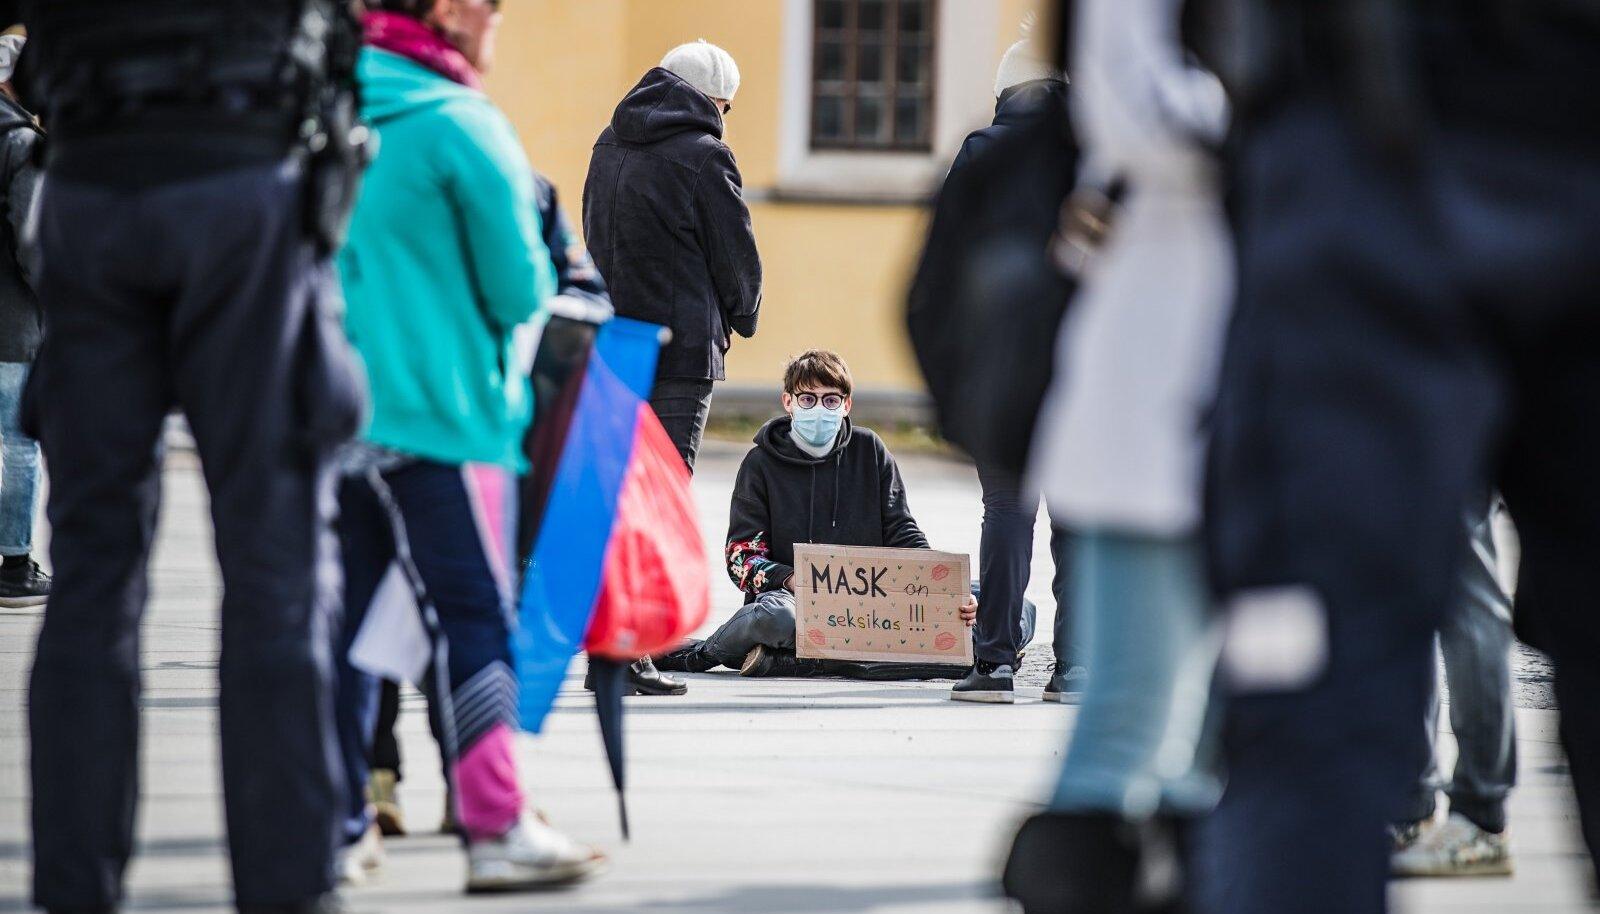 Protest Vabaduse väljakul –Mask on seksikas